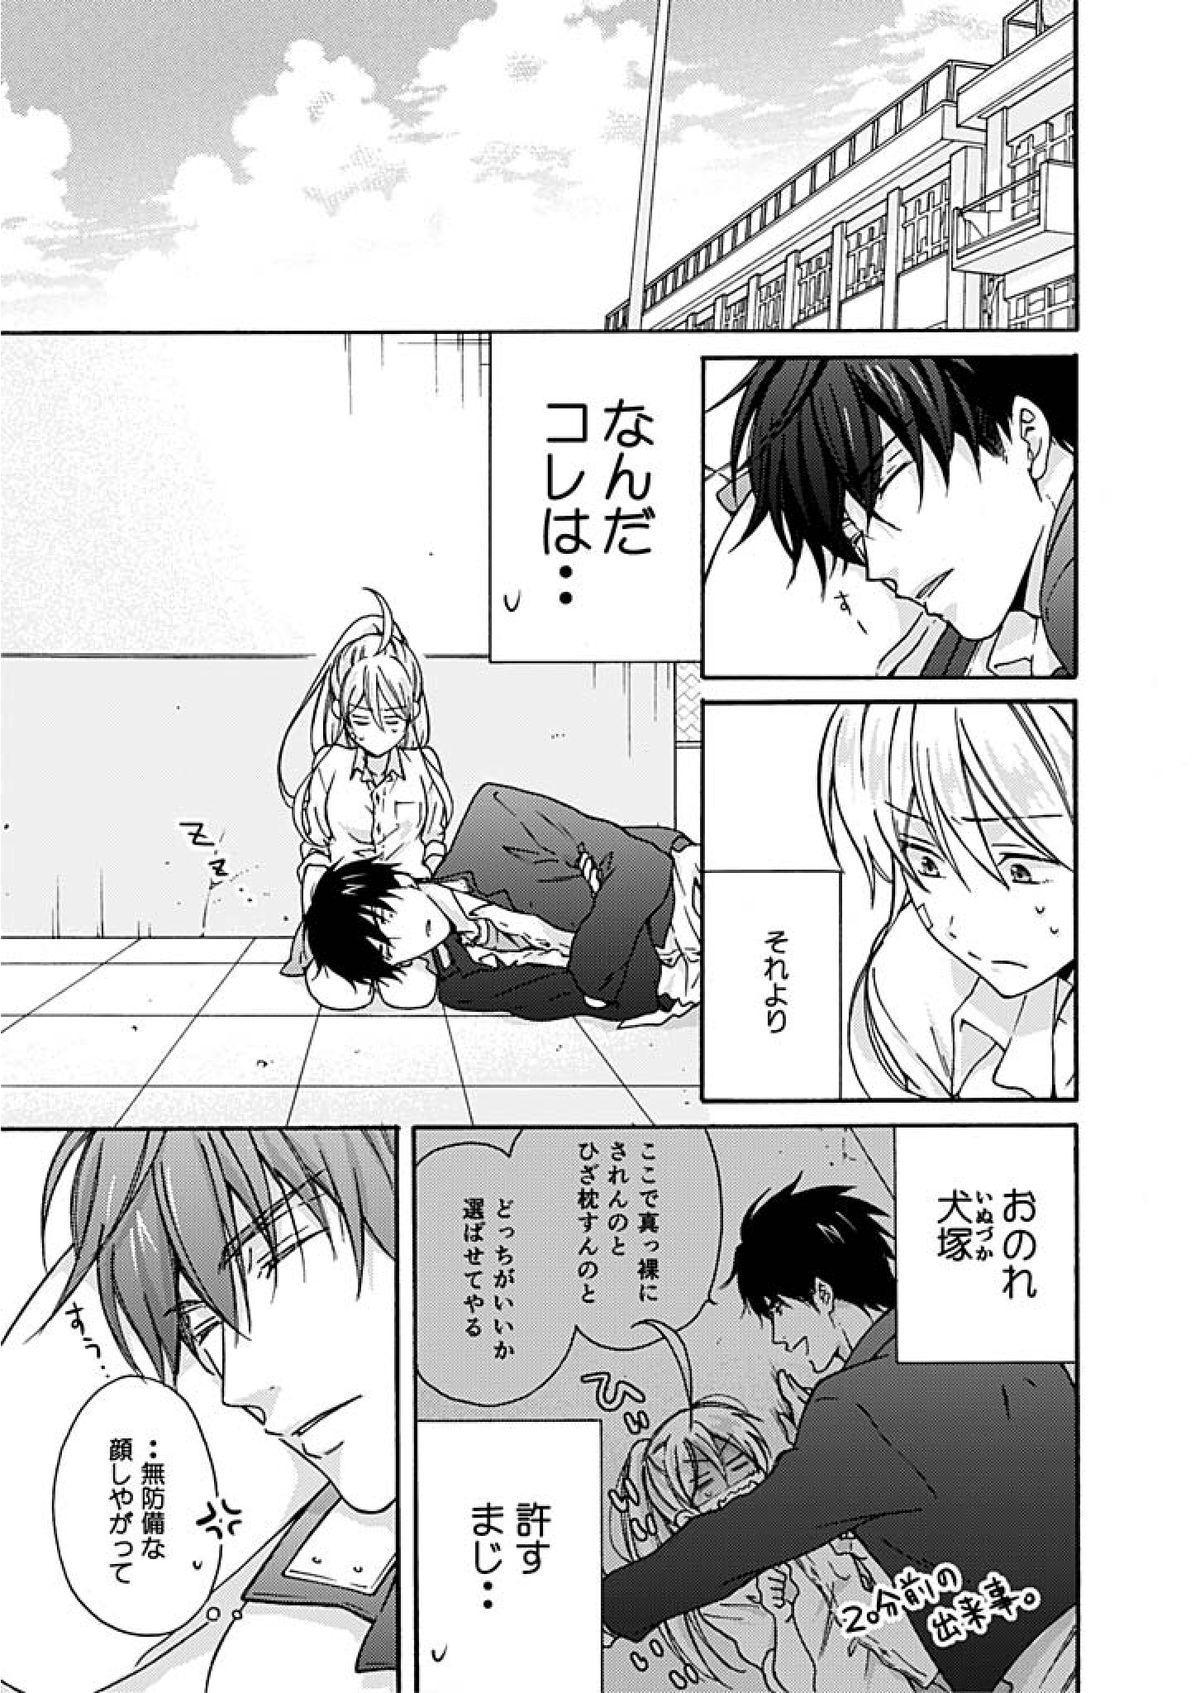 Nyotaika Yankee Gakuen ☆ Ore no Hajimete, Nerawaretemasu. 3 11